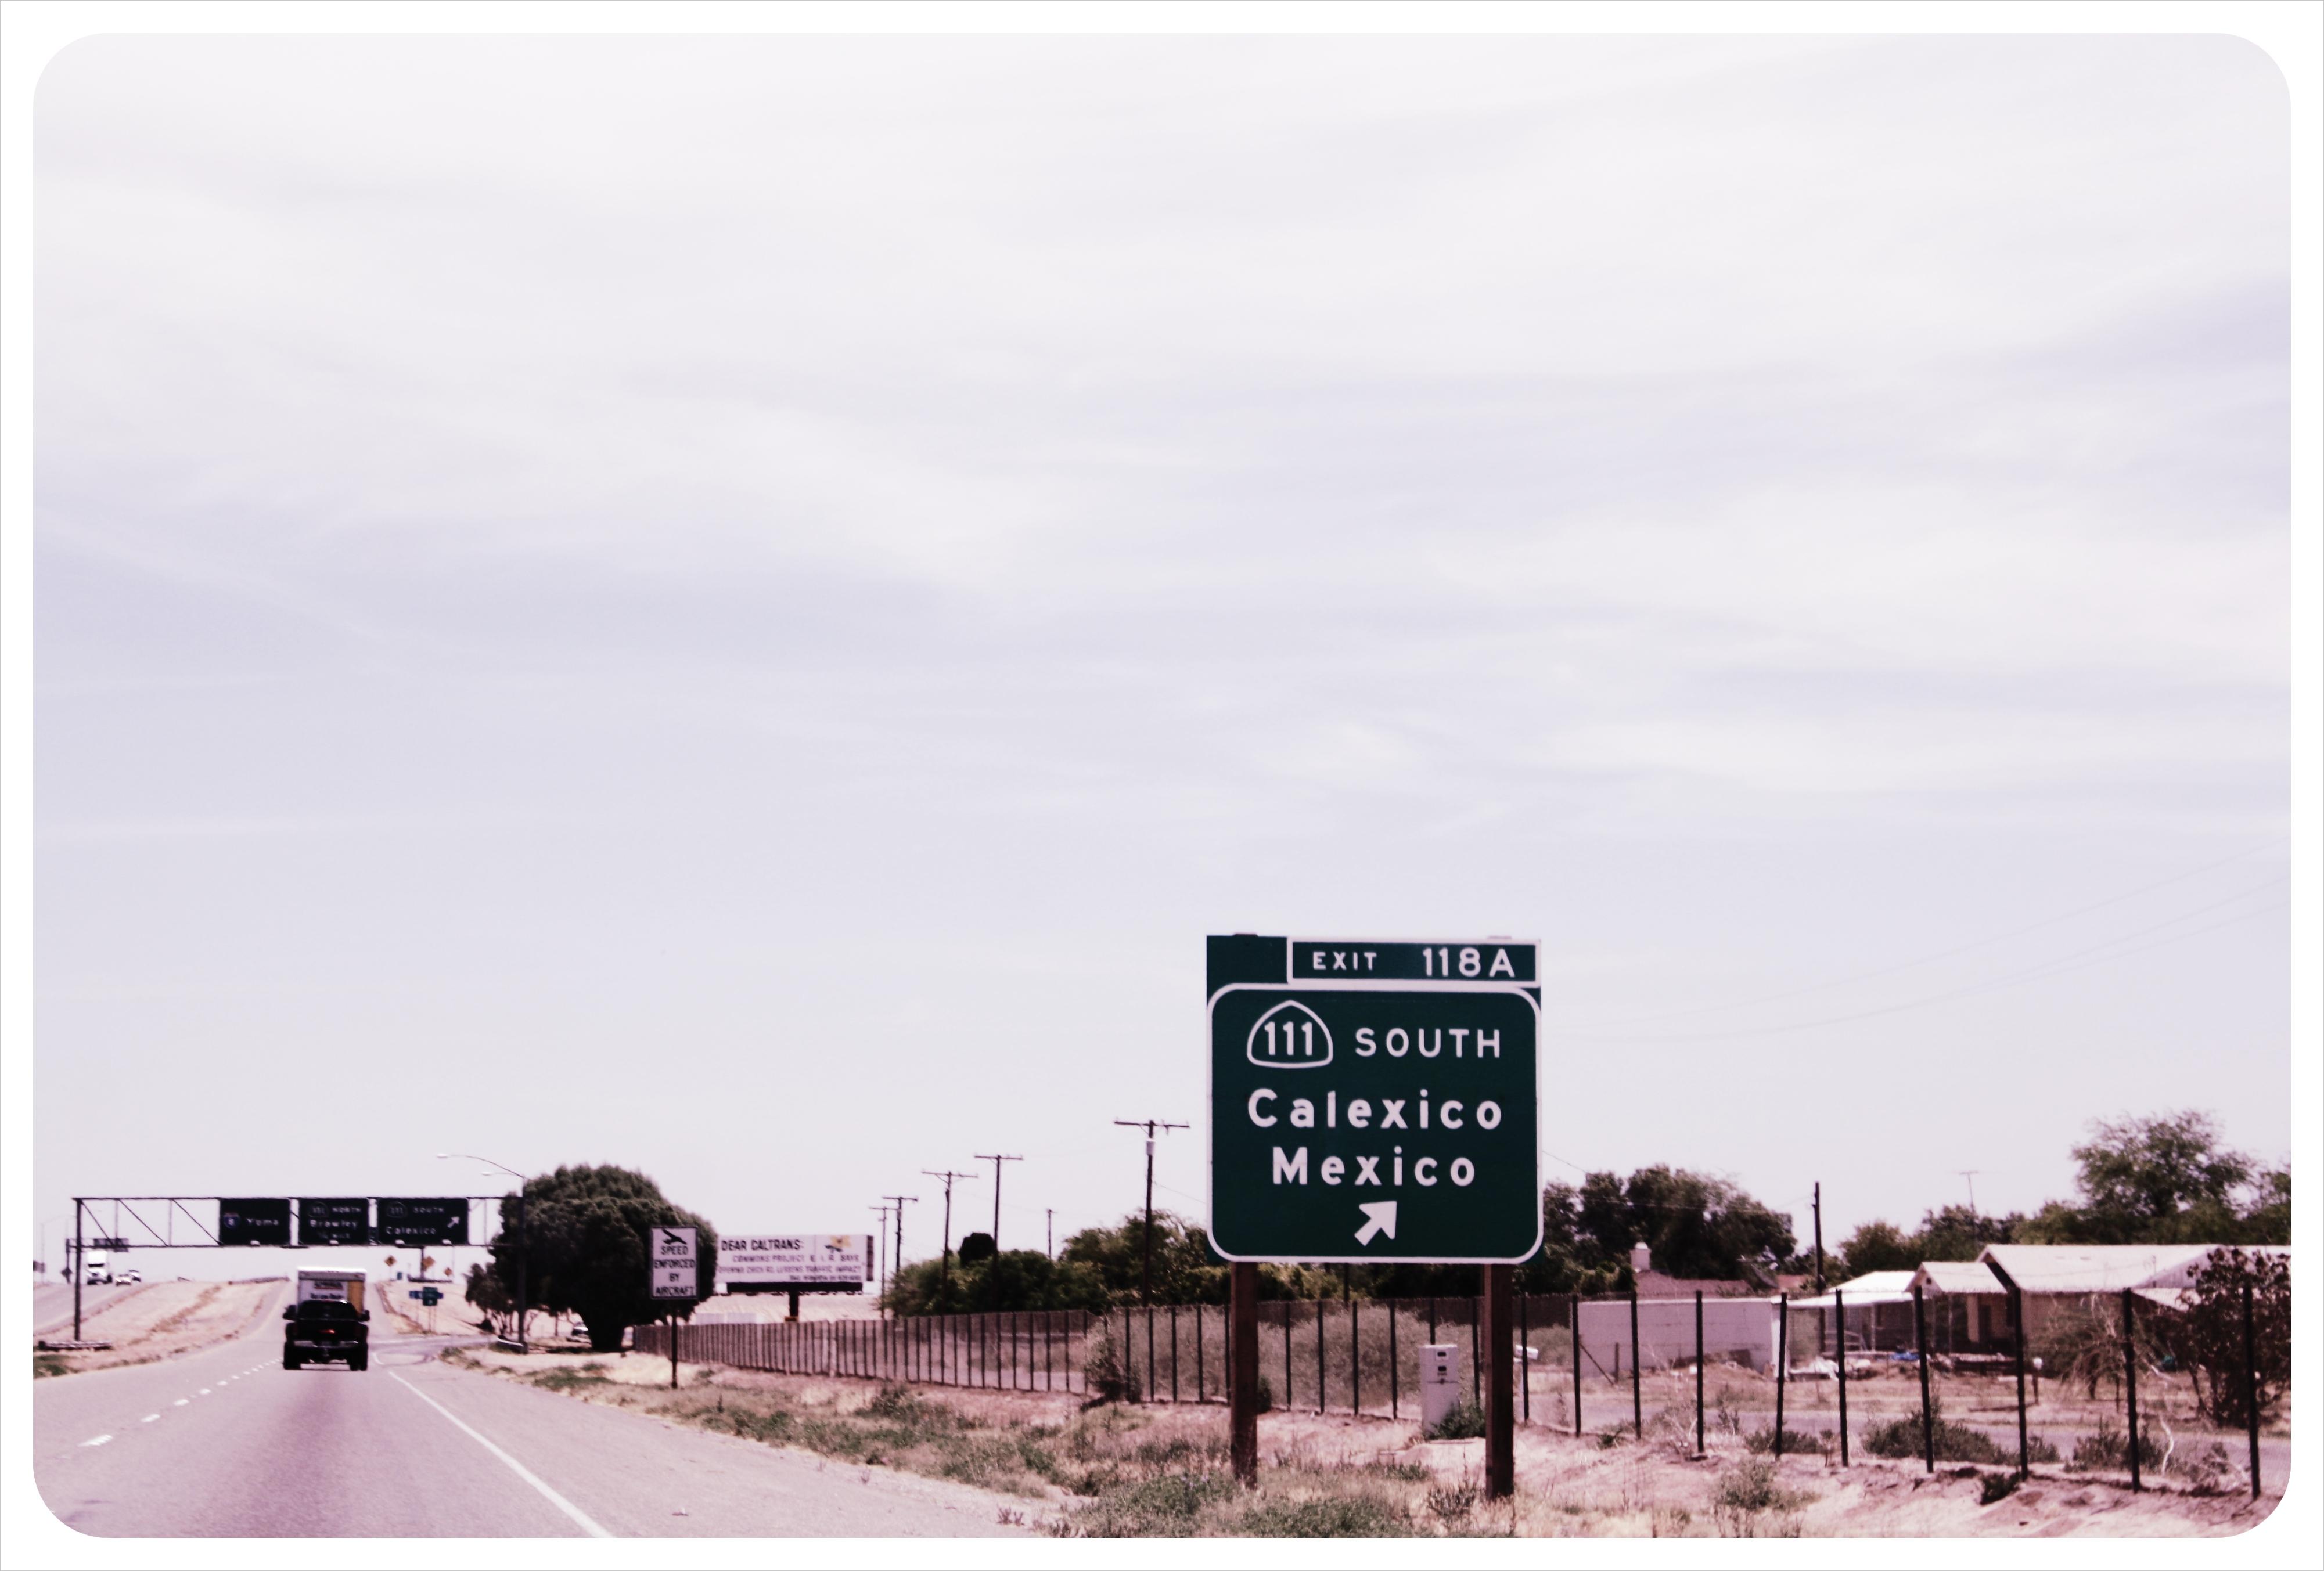 San Diego to Tucson